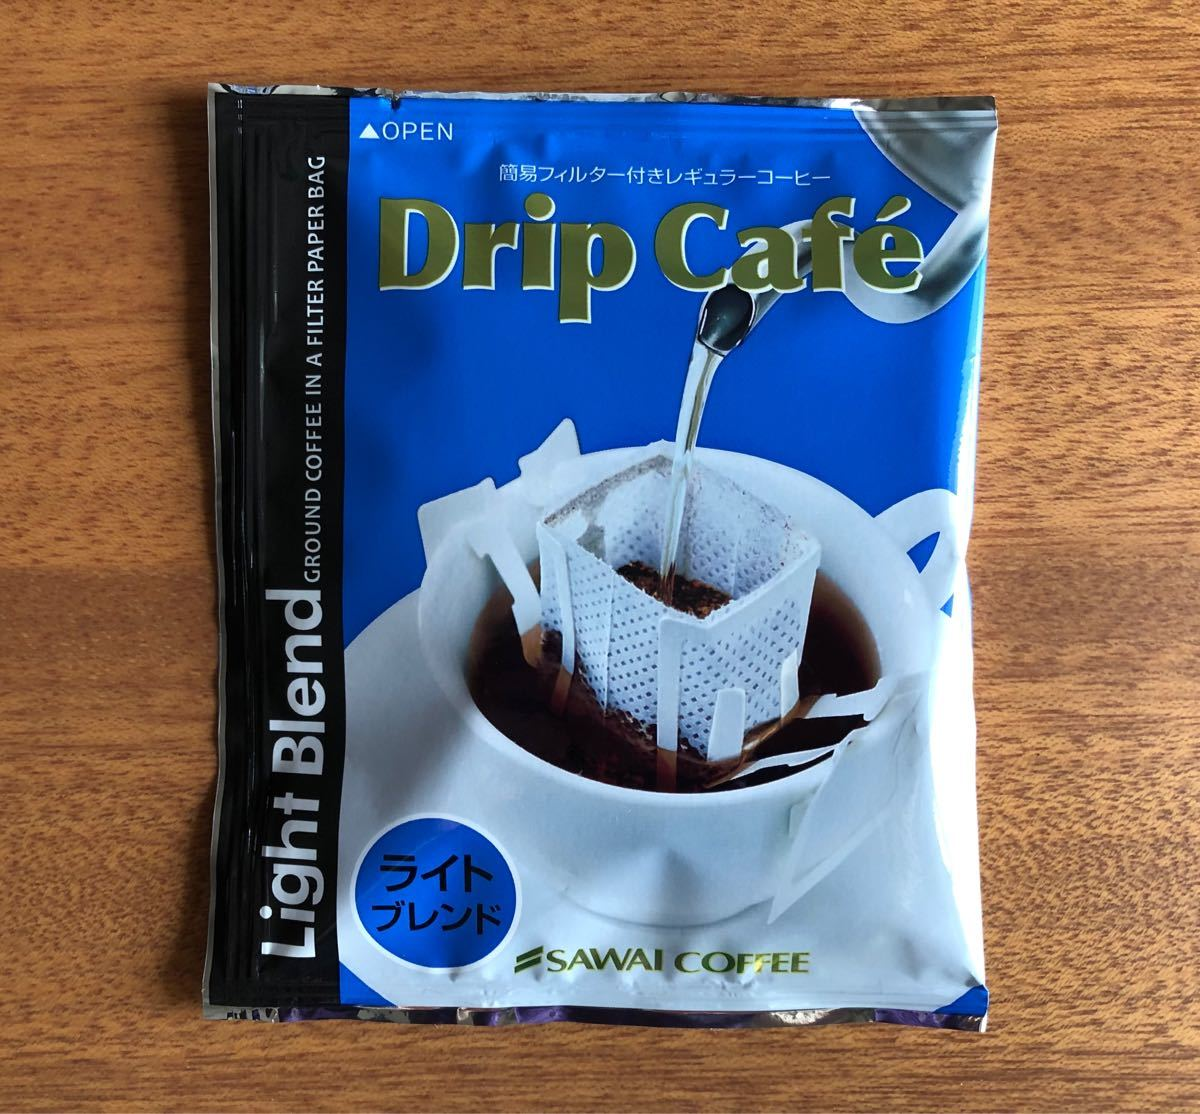 澤井珈琲 ドリップバックコーヒー 20袋